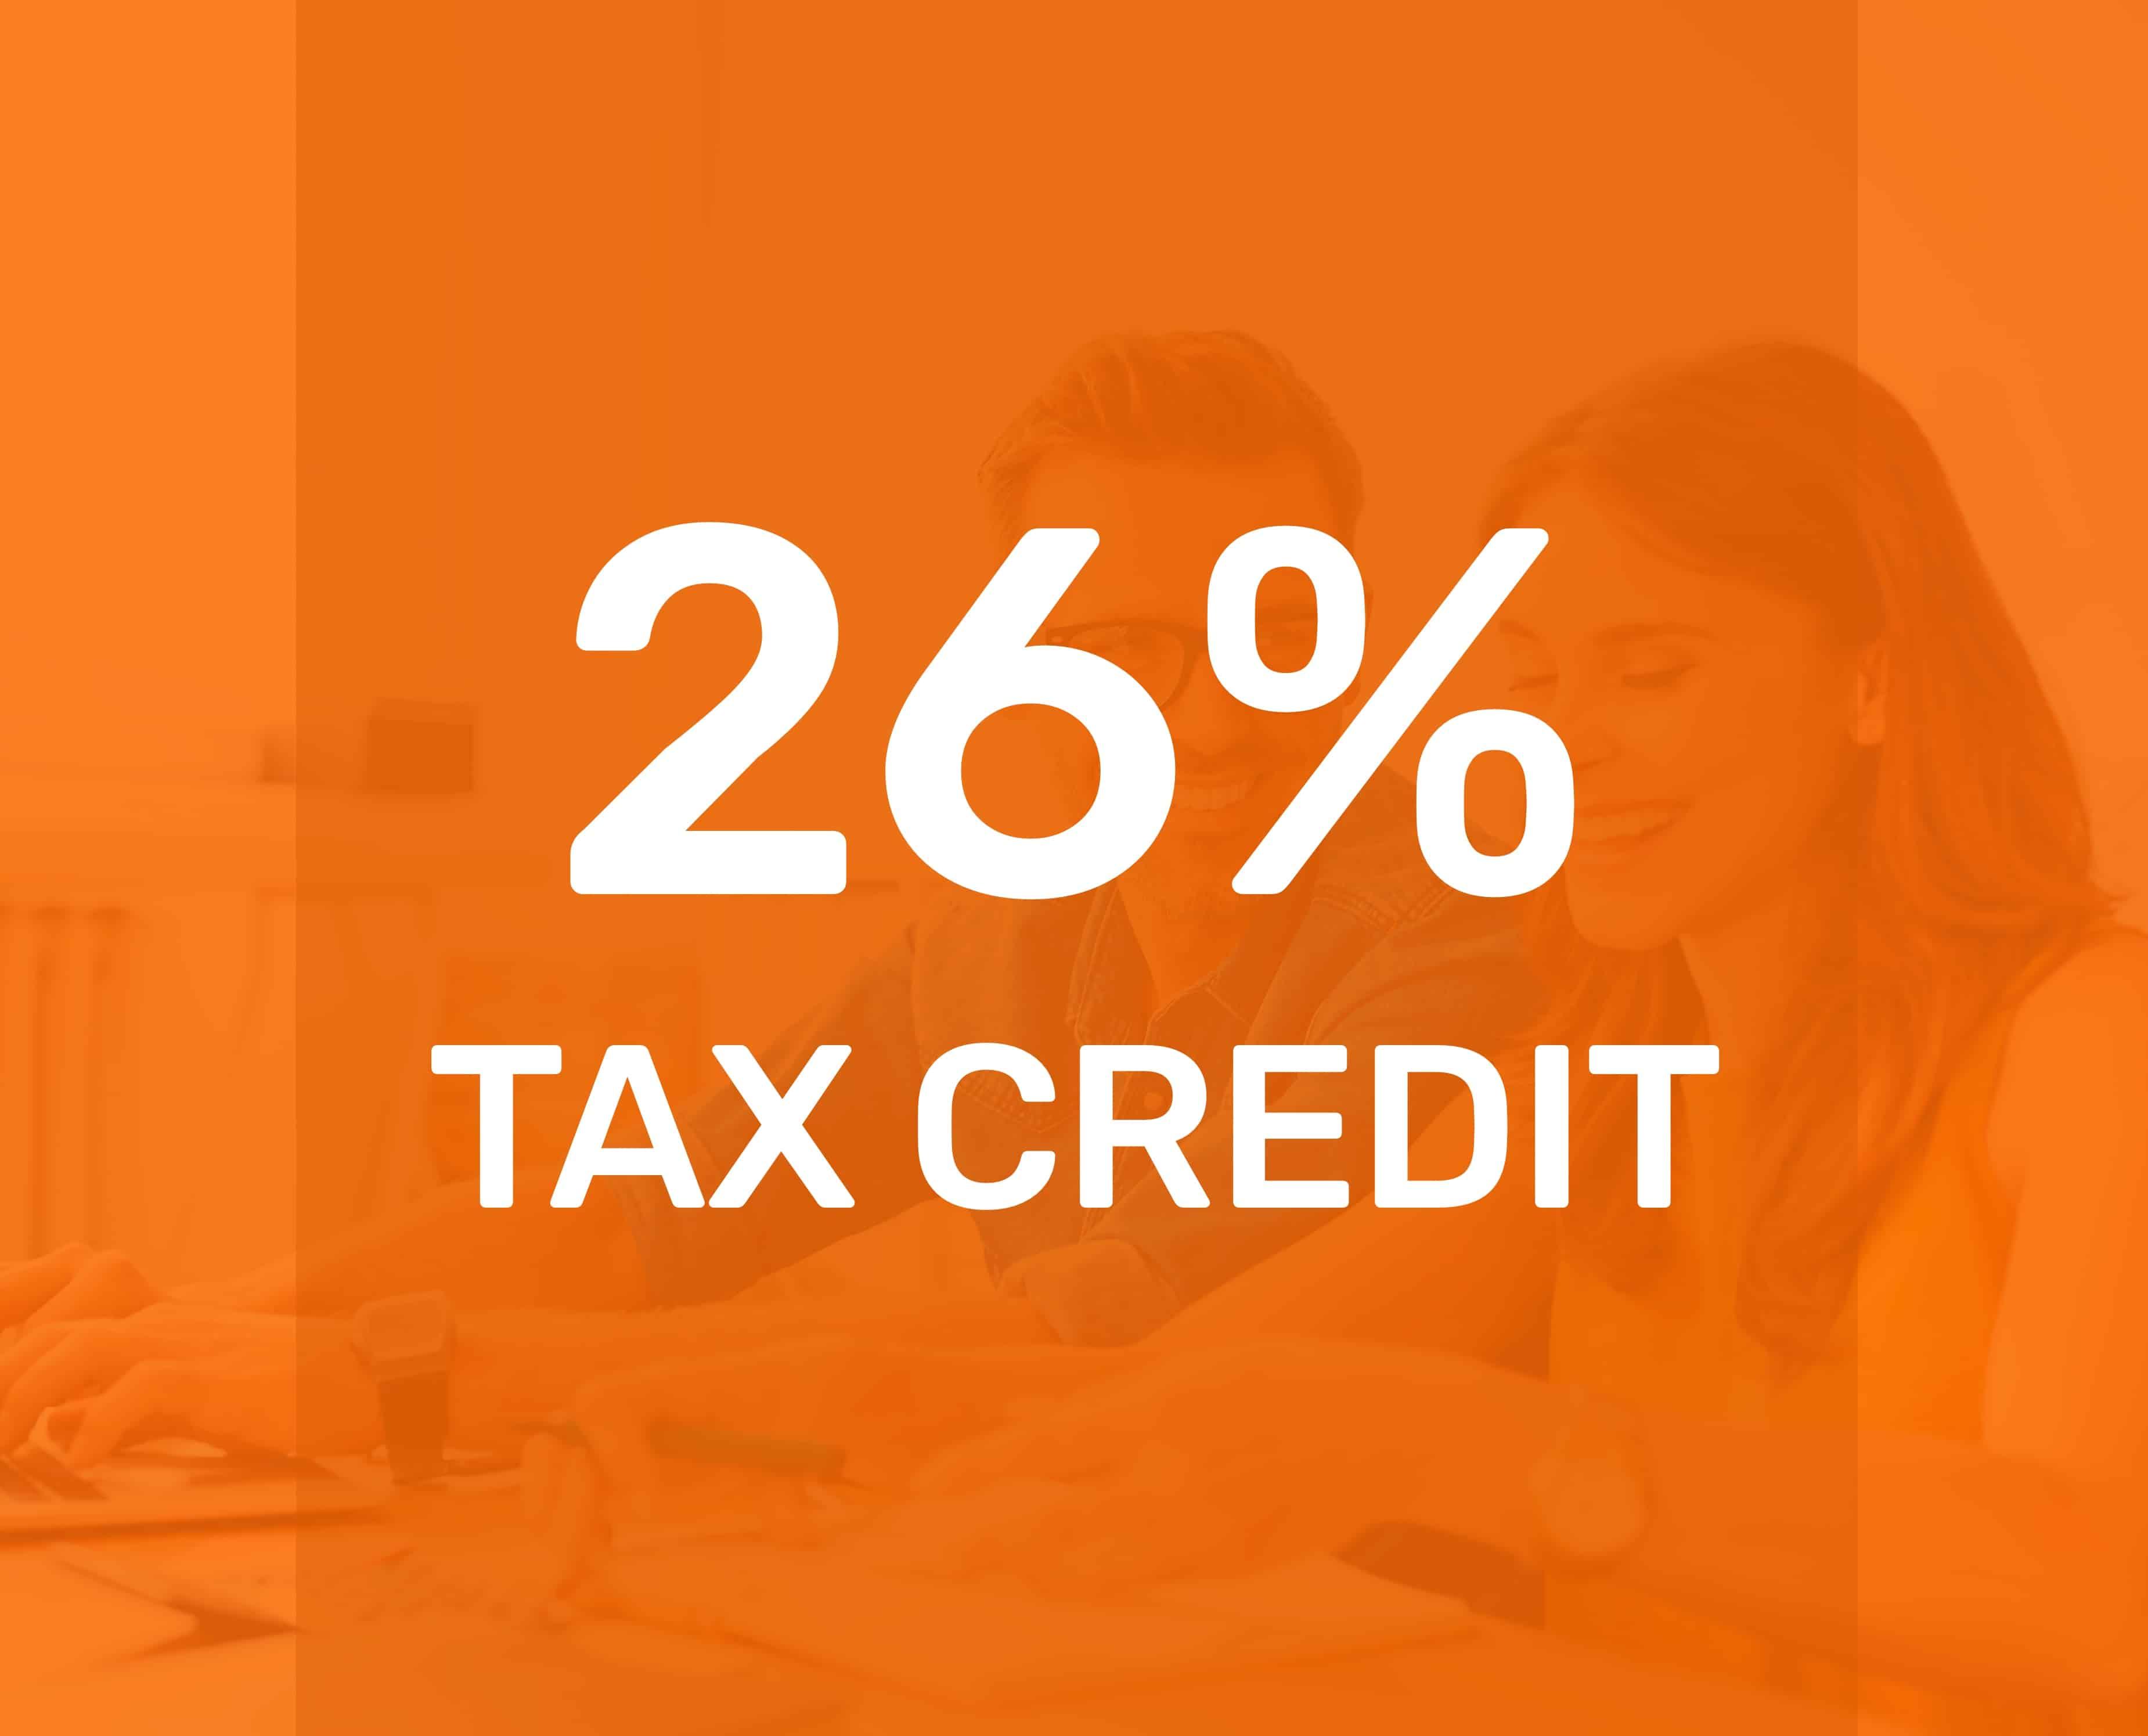 ITC solar tax credit is 26%